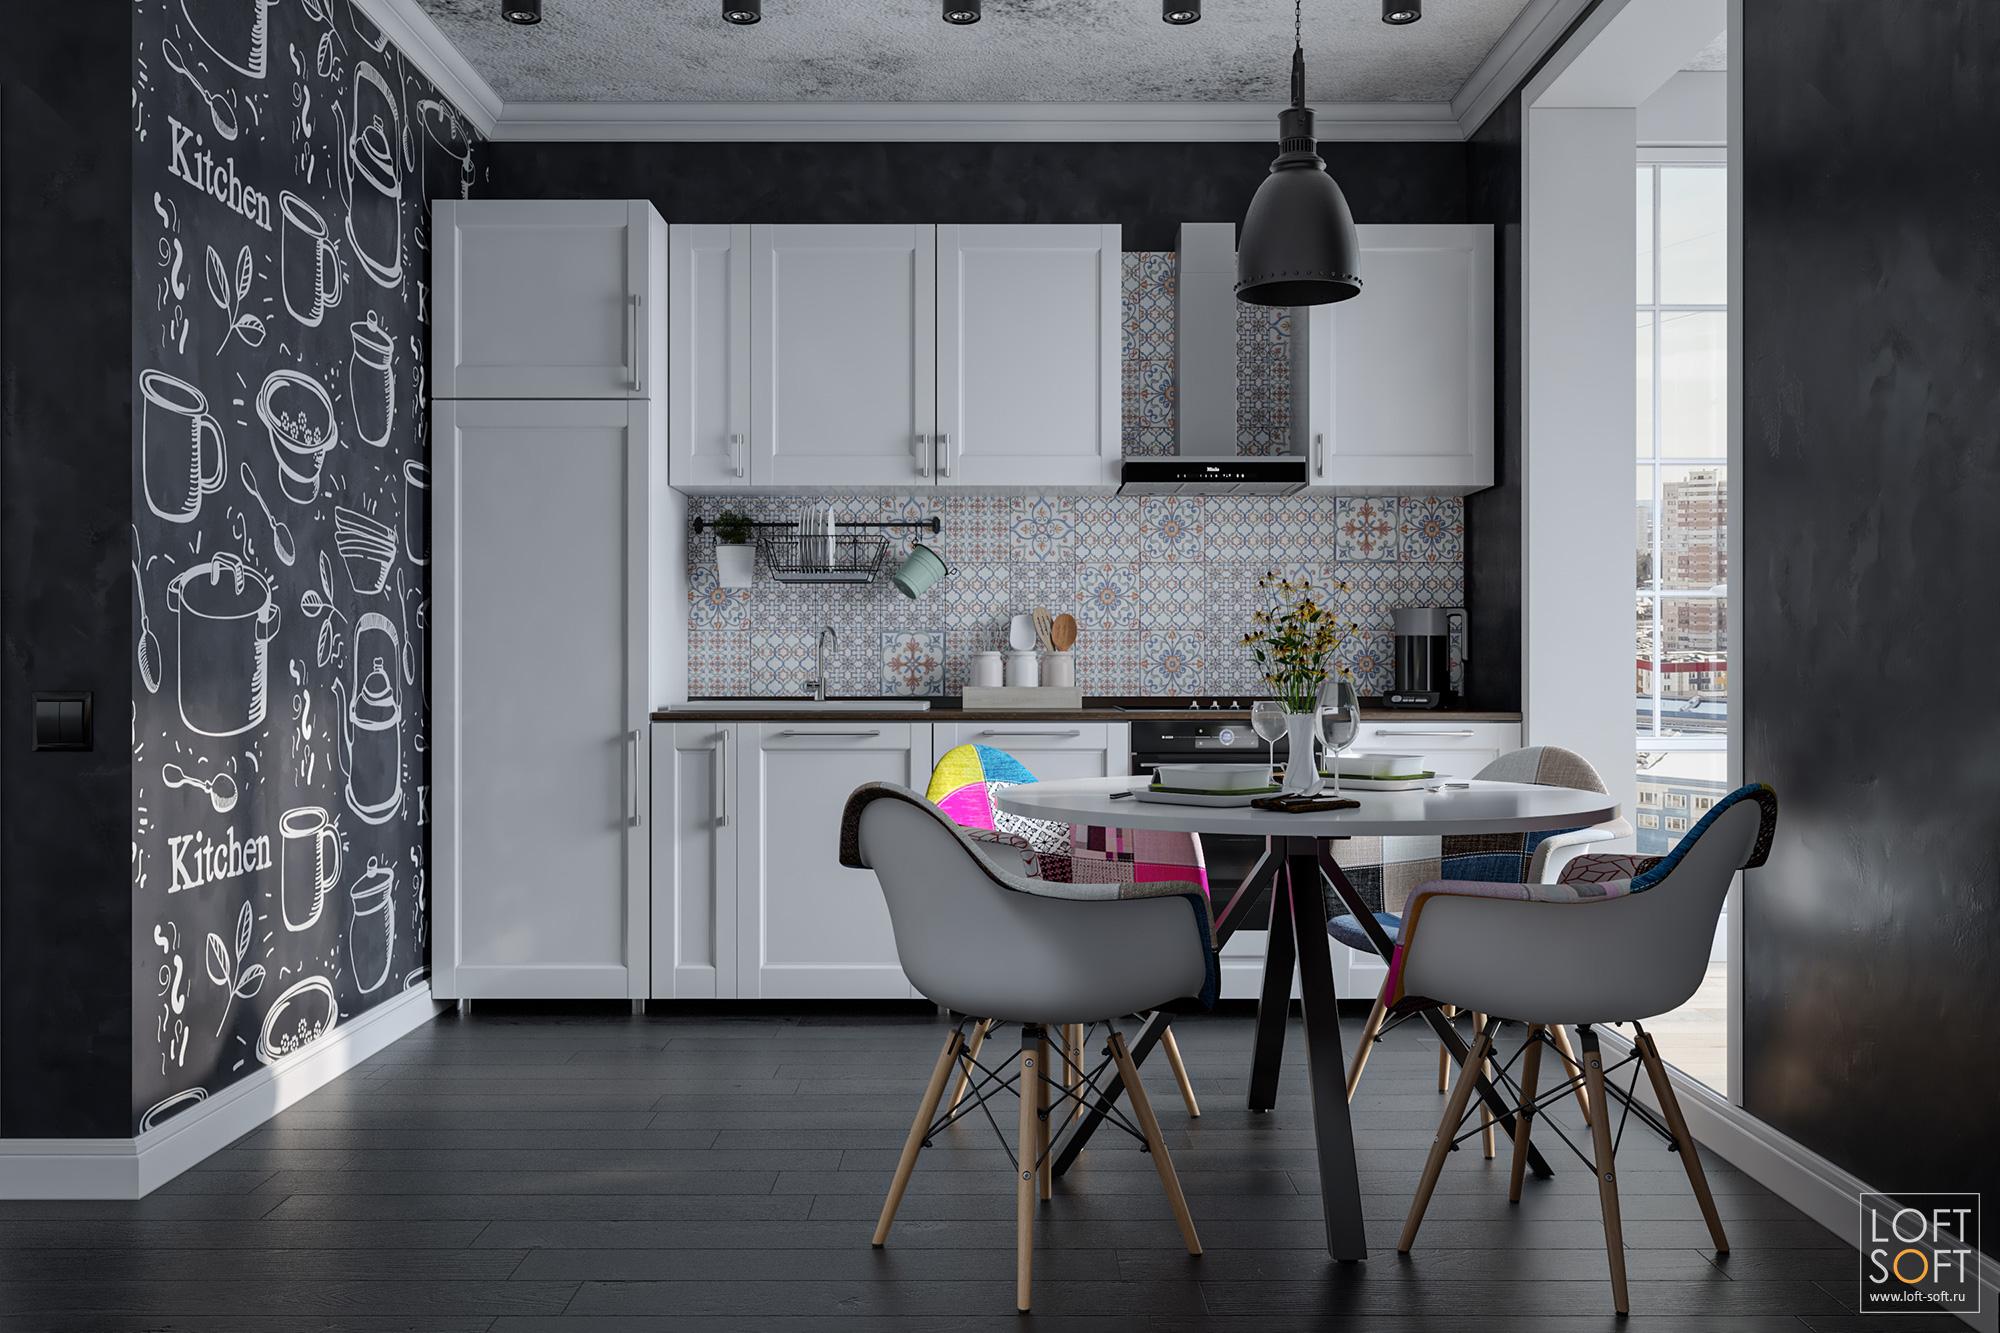 Стулья Eames винтерьере кухни ипачворк вотделке.